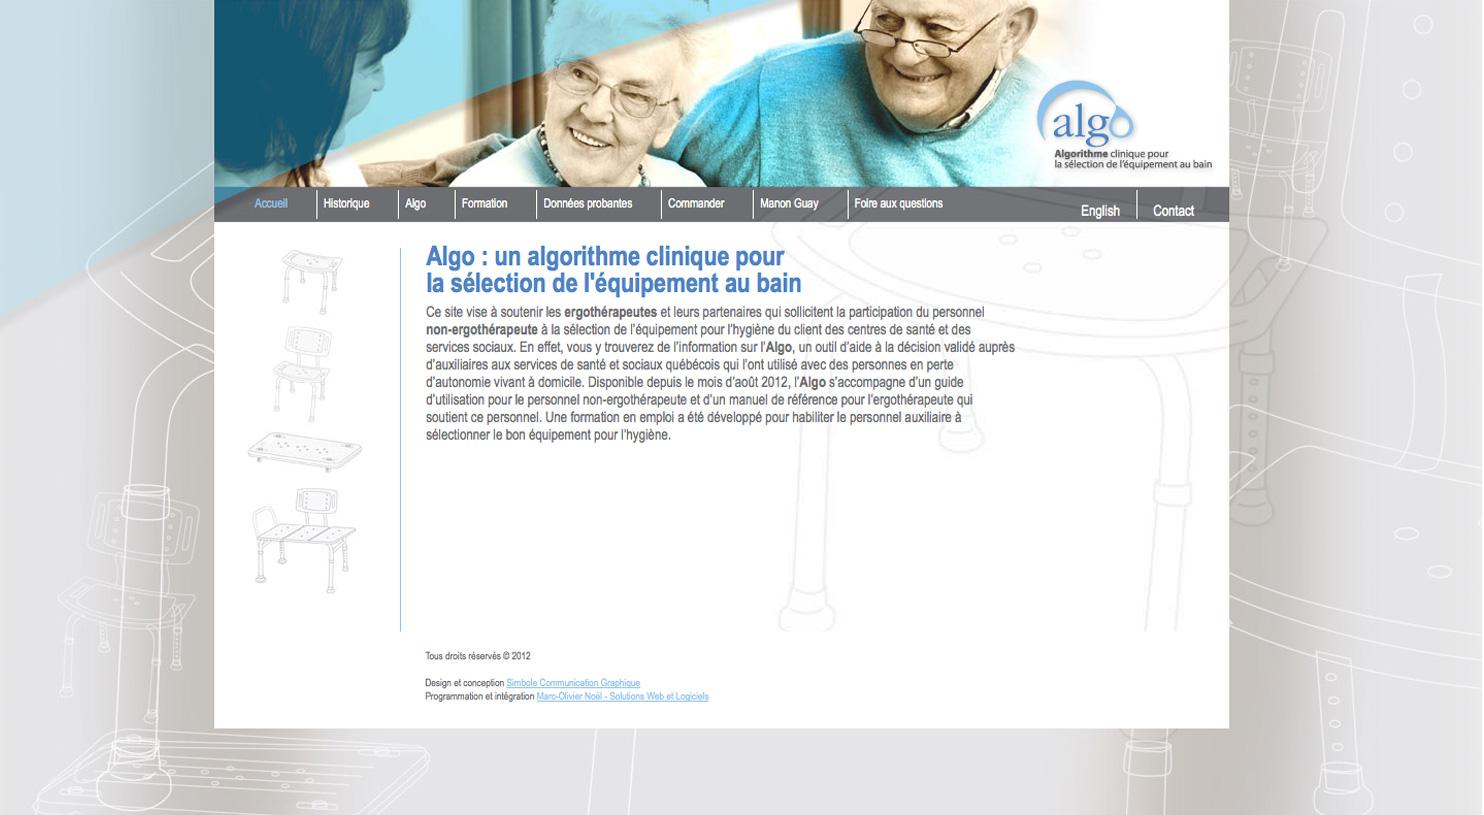 ALGO Algorithme clinique pour la sélection de l'équipement au bain